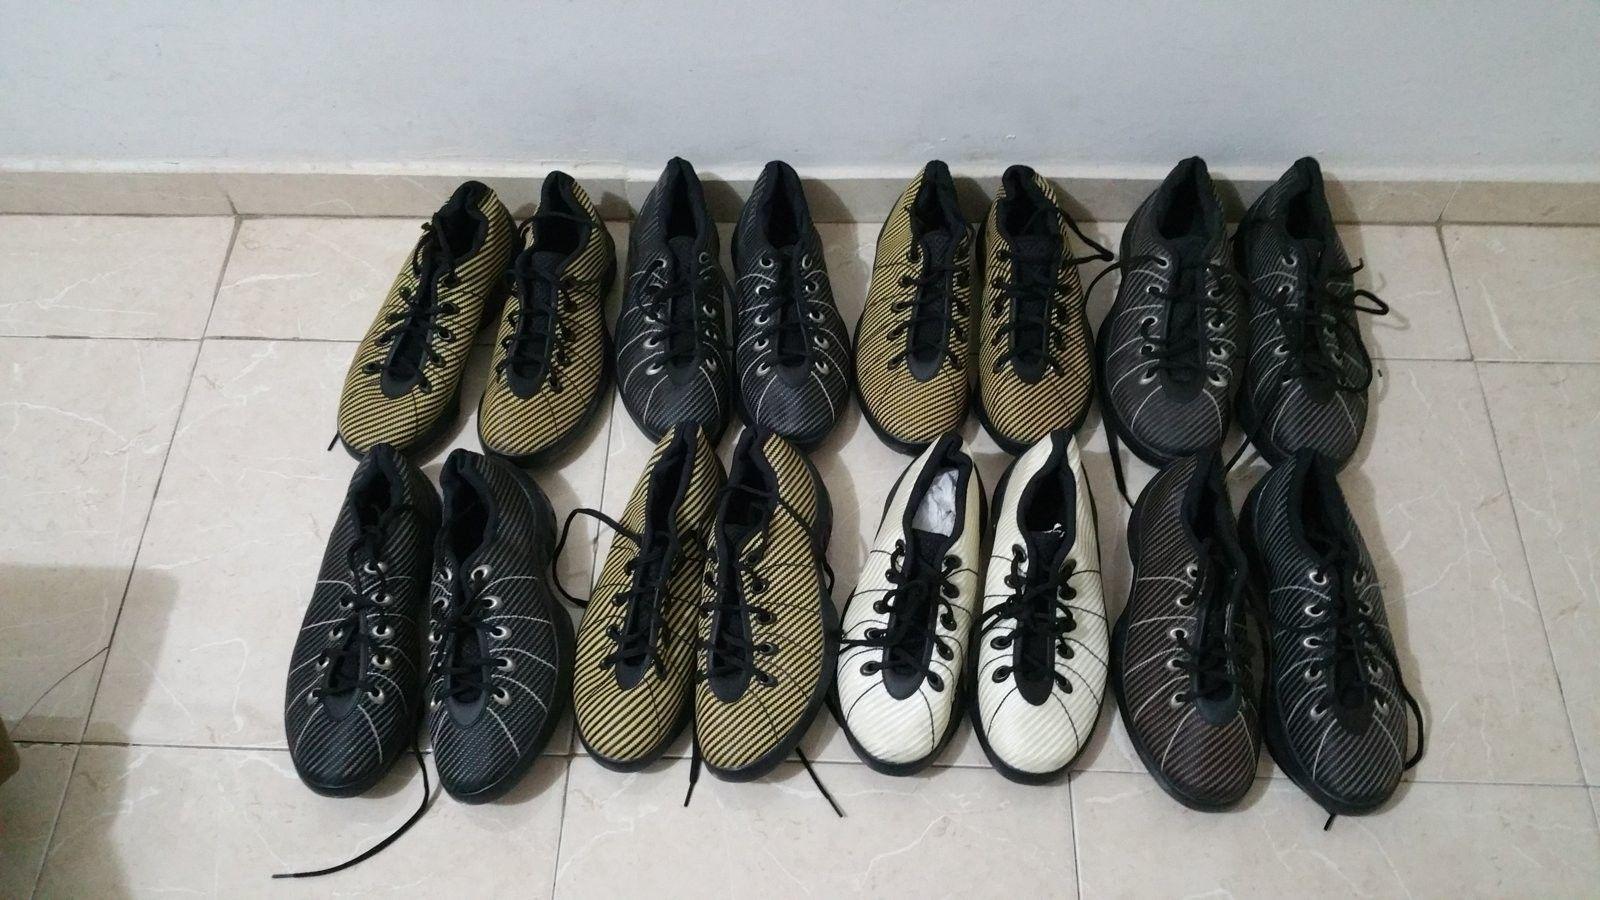 Oakley shoe one 11us size - 20160426_135822.jpg